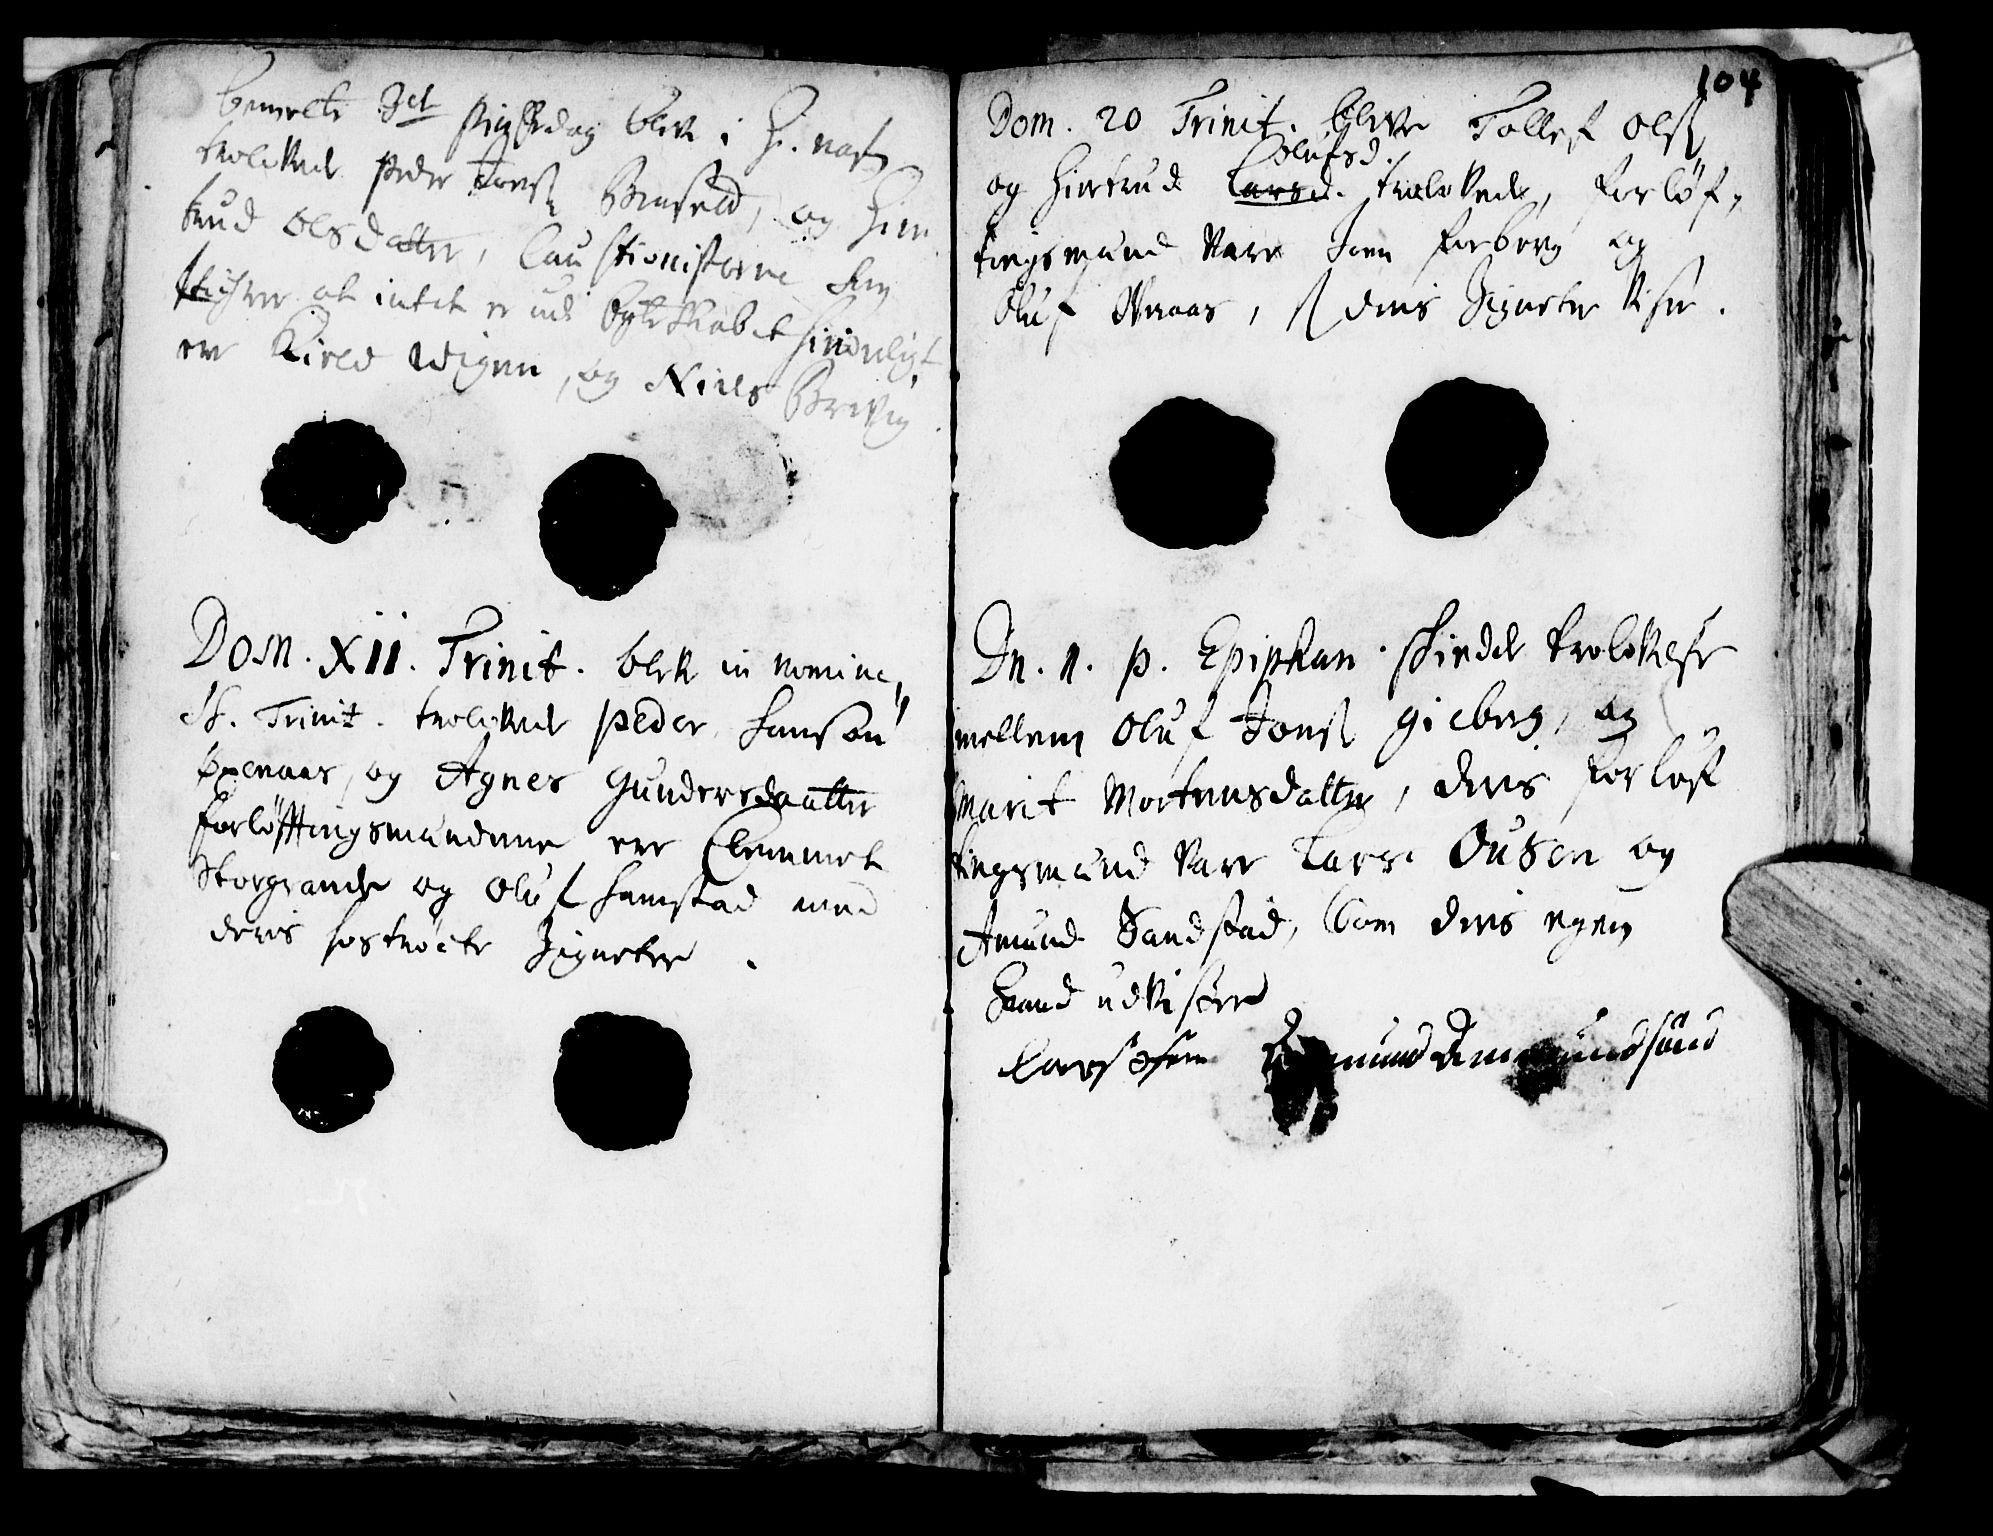 SAT, Ministerialprotokoller, klokkerbøker og fødselsregistre - Nord-Trøndelag, 722/L0214: Ministerialbok nr. 722A01, 1692-1718, s. 104